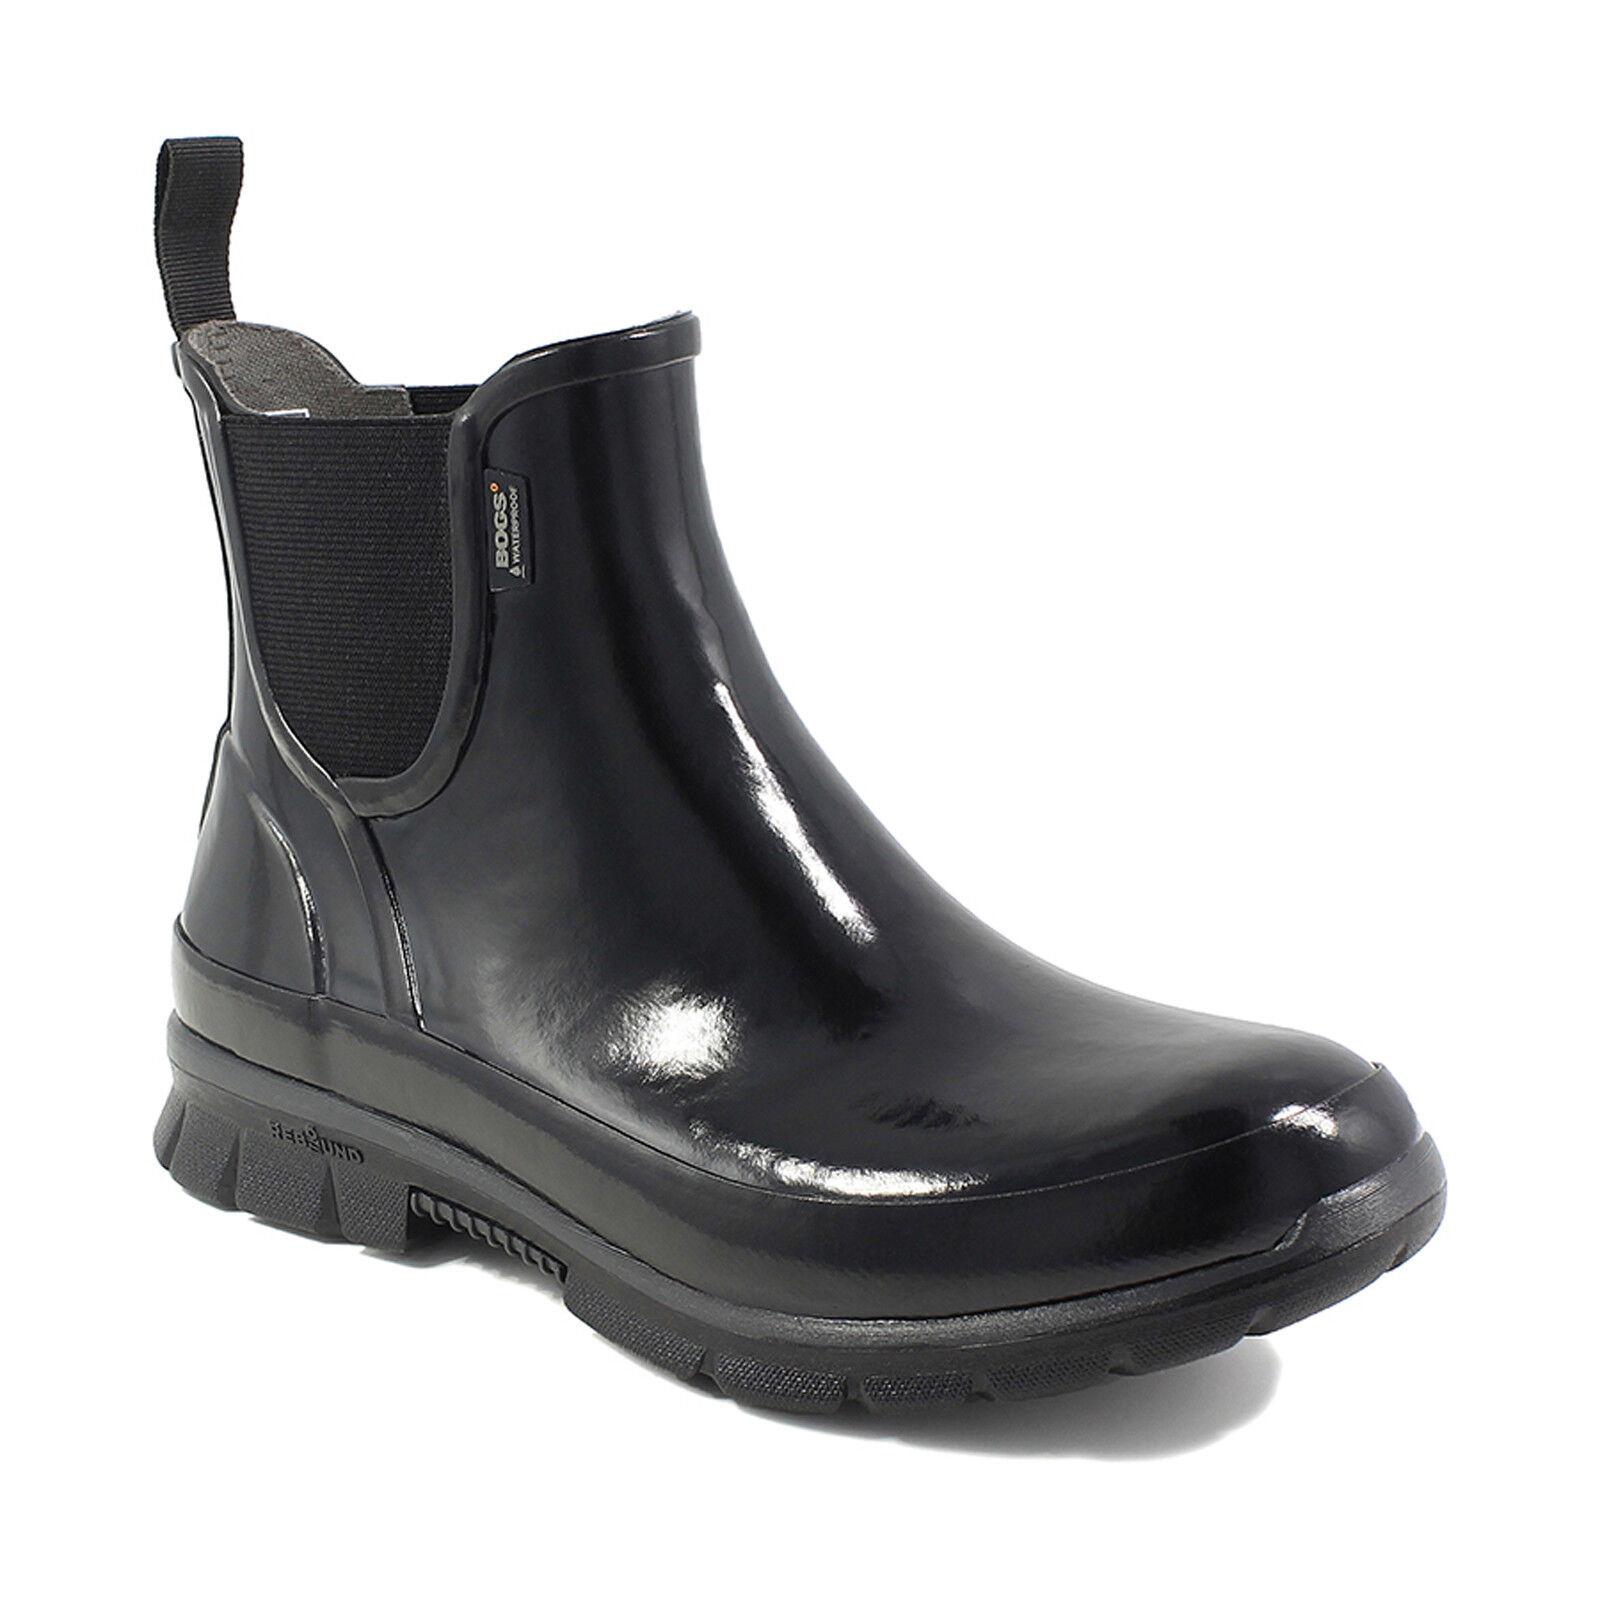 Bogs Amanda Waterproof Neoprene Slip On Womens Warm Lightweight Boots UK4-8